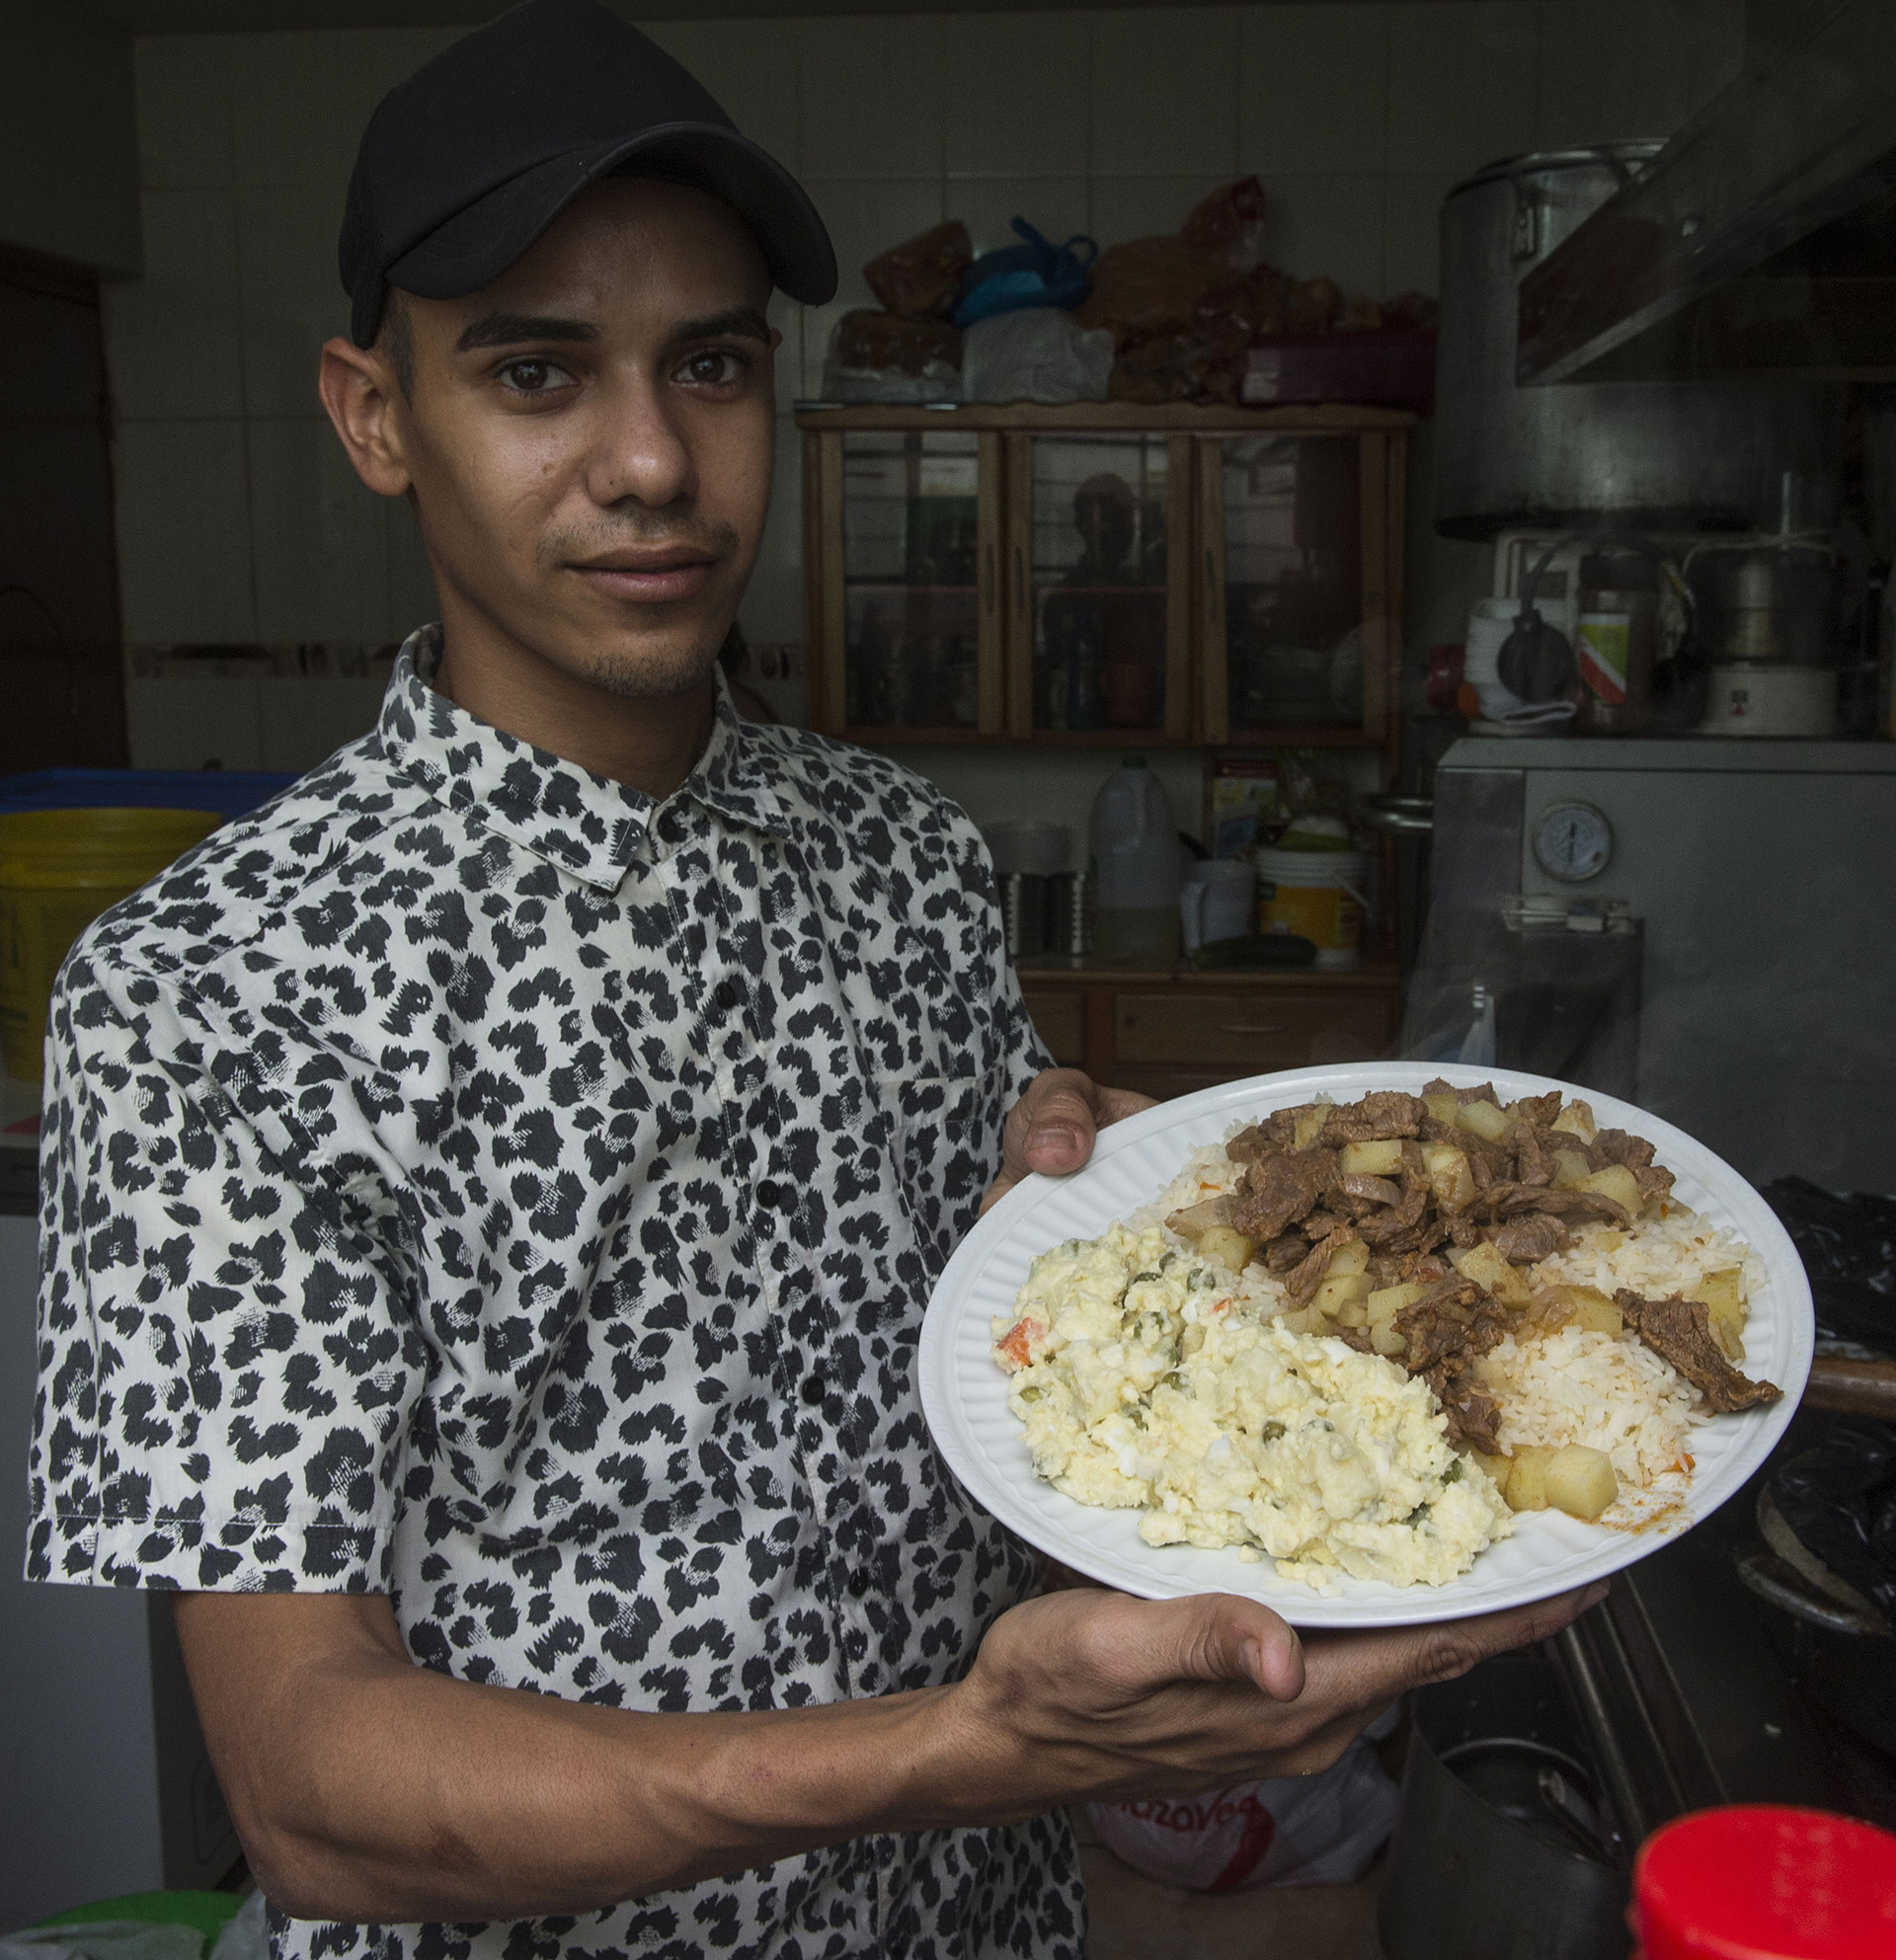 """El cocinero es el venezolano Brean Villegas, de 22 años, a quien lo tiene sin cuidado el llamado del presidente Nicolás Maduro para que los emigrados dejen de lavar """"pocetas"""" (retretes) y vuelvan a Venezuela"""